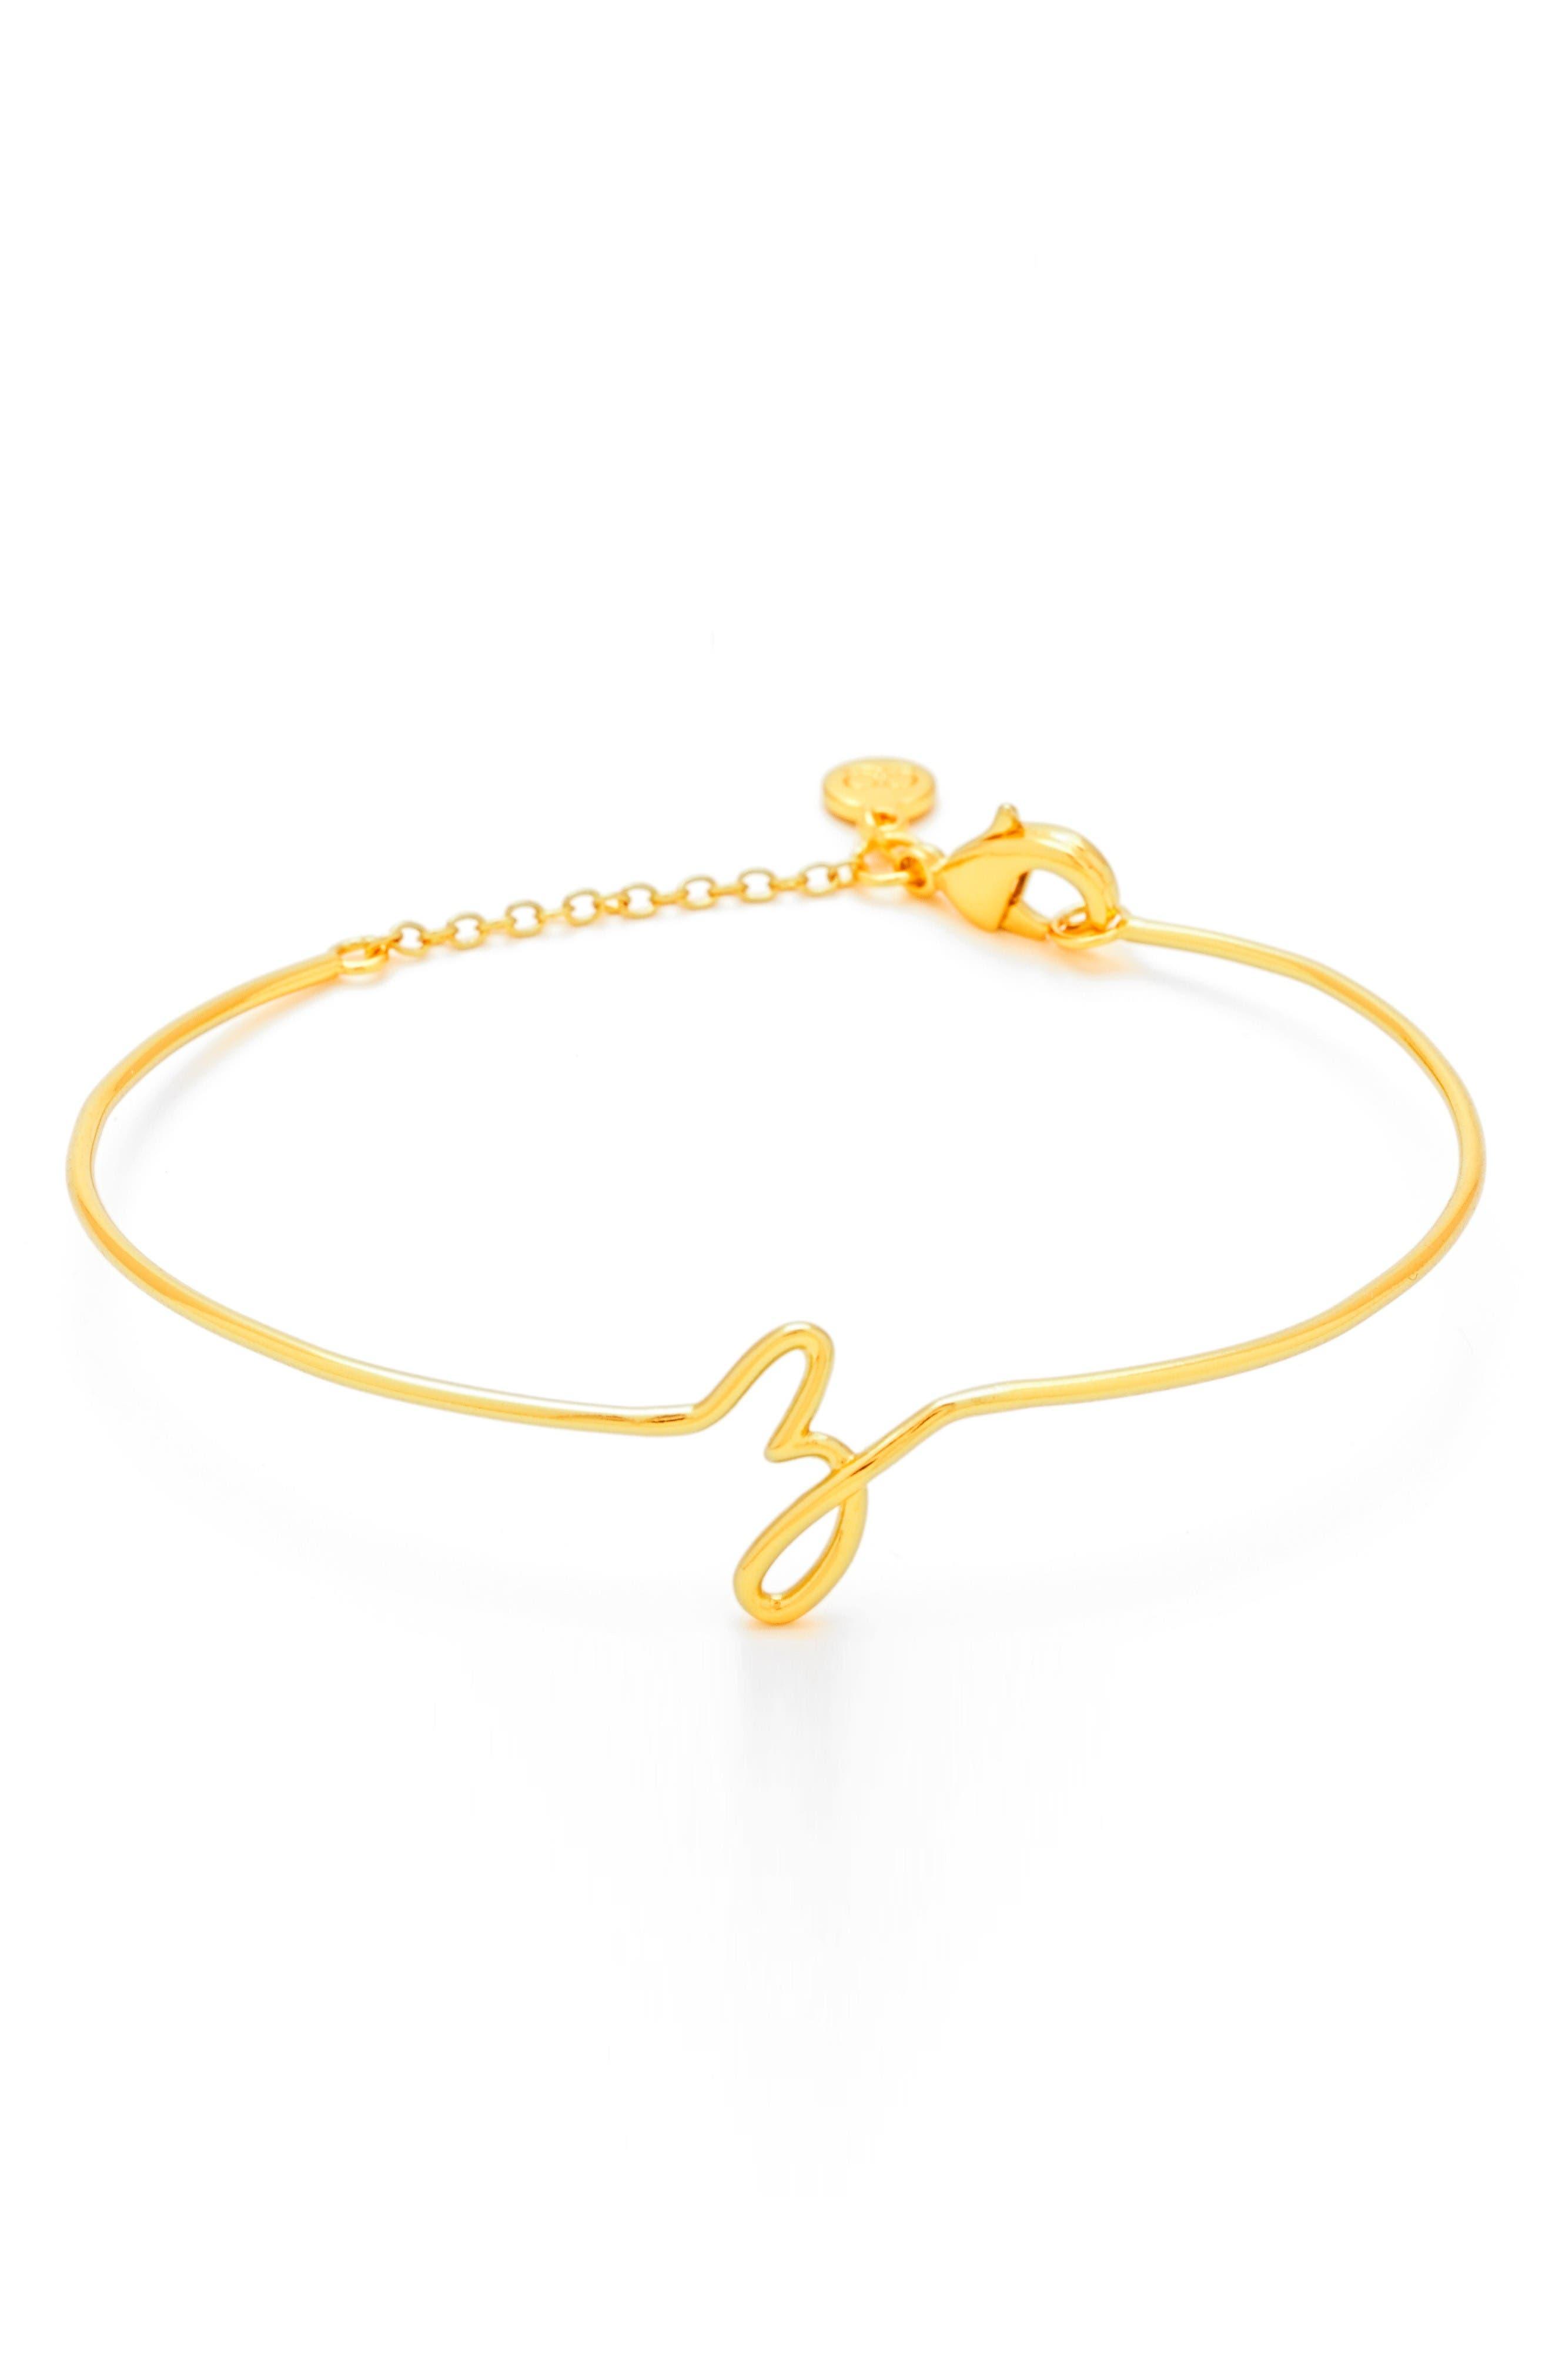 Alternate Image 1 Selected - gorjana Alphabet Bracelet